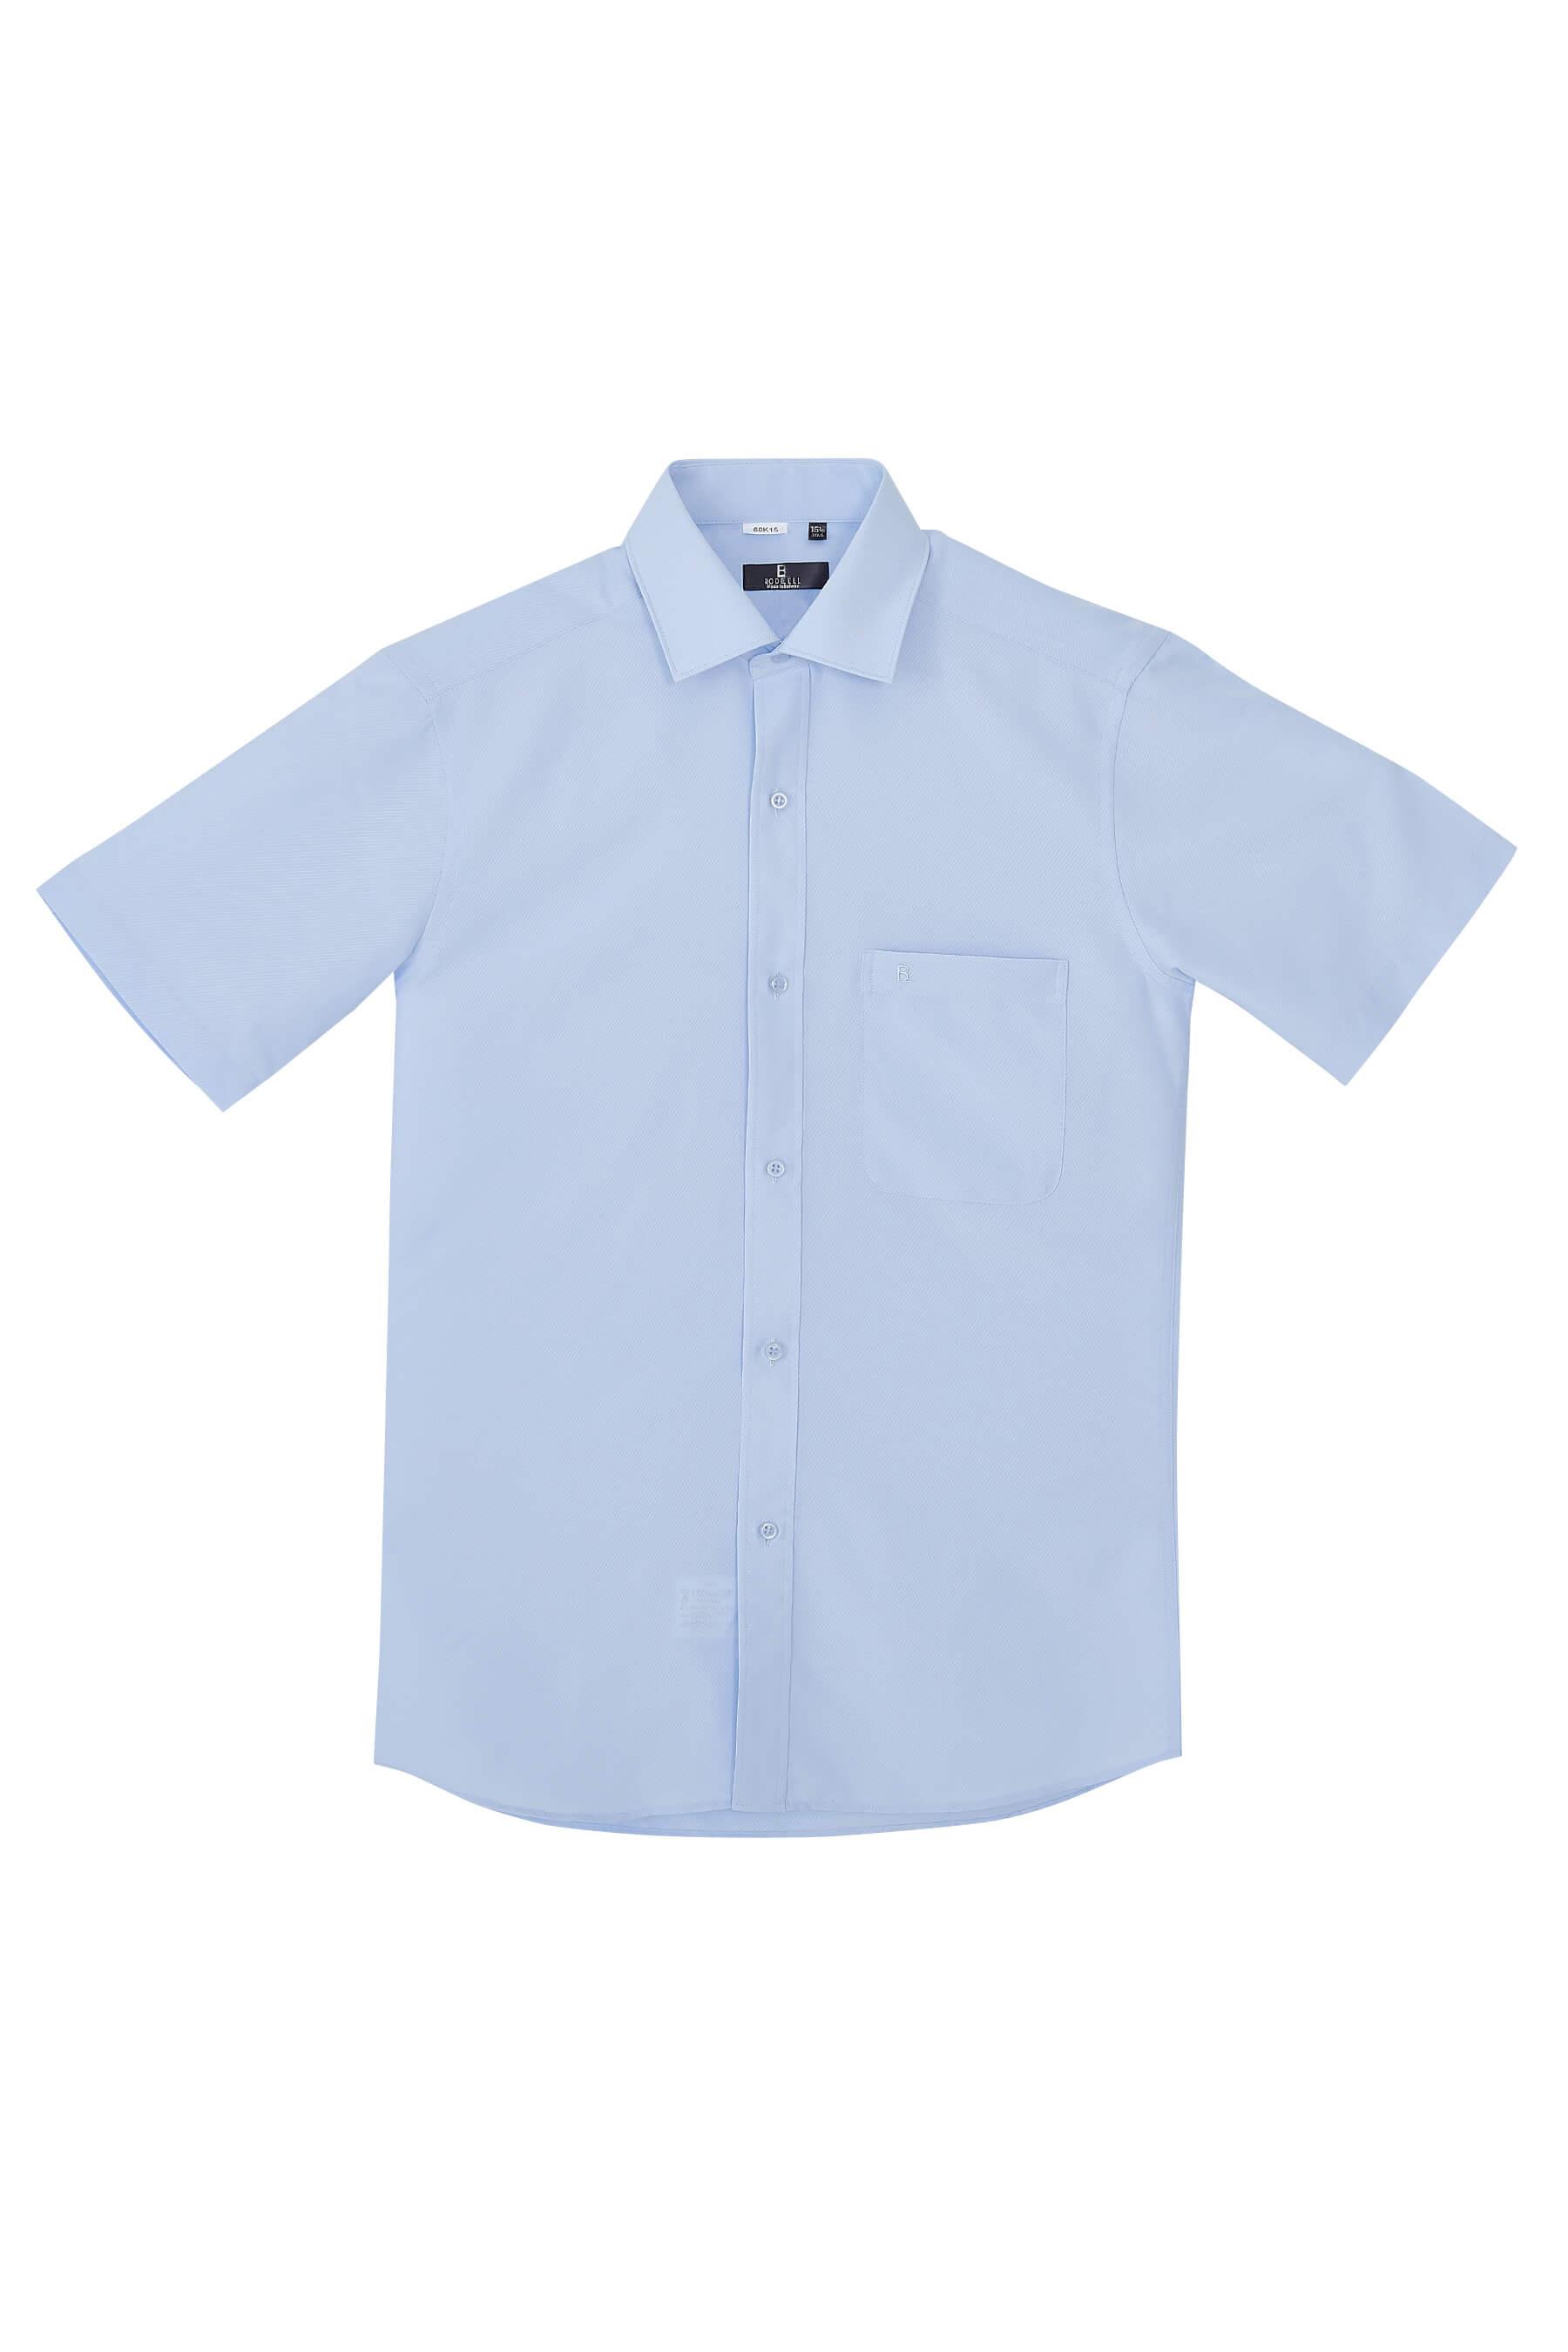 水藍色單斜紋短袖襯衫/抗皺 吸濕排汗